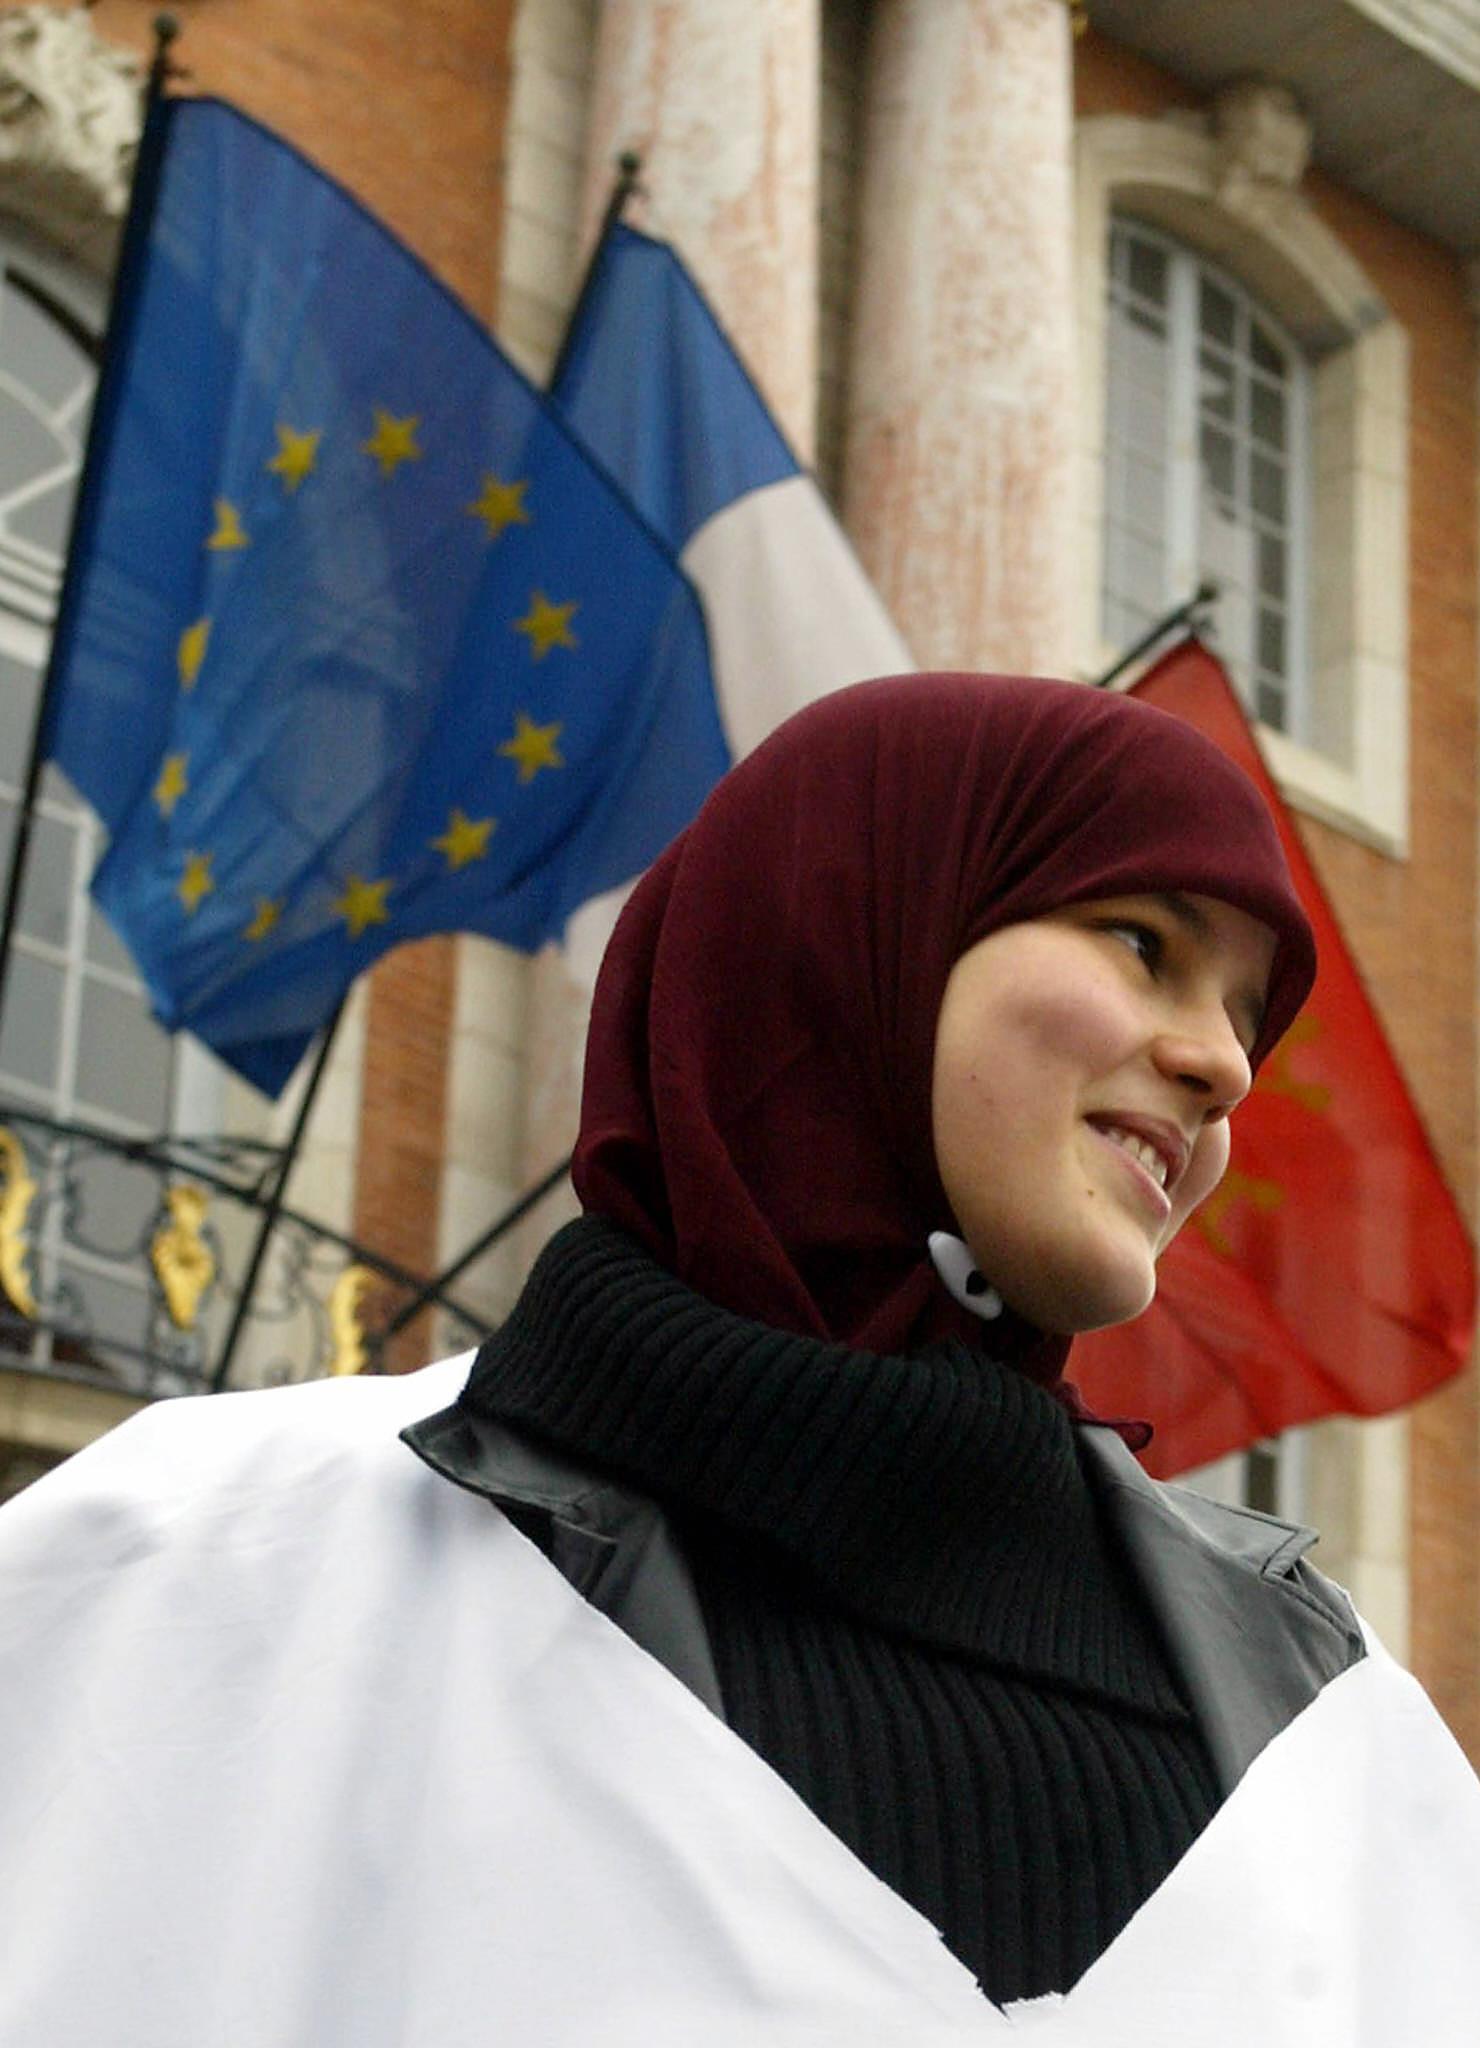 Véu islâmico é usado por muitas estudantes francesas muçulmanas.